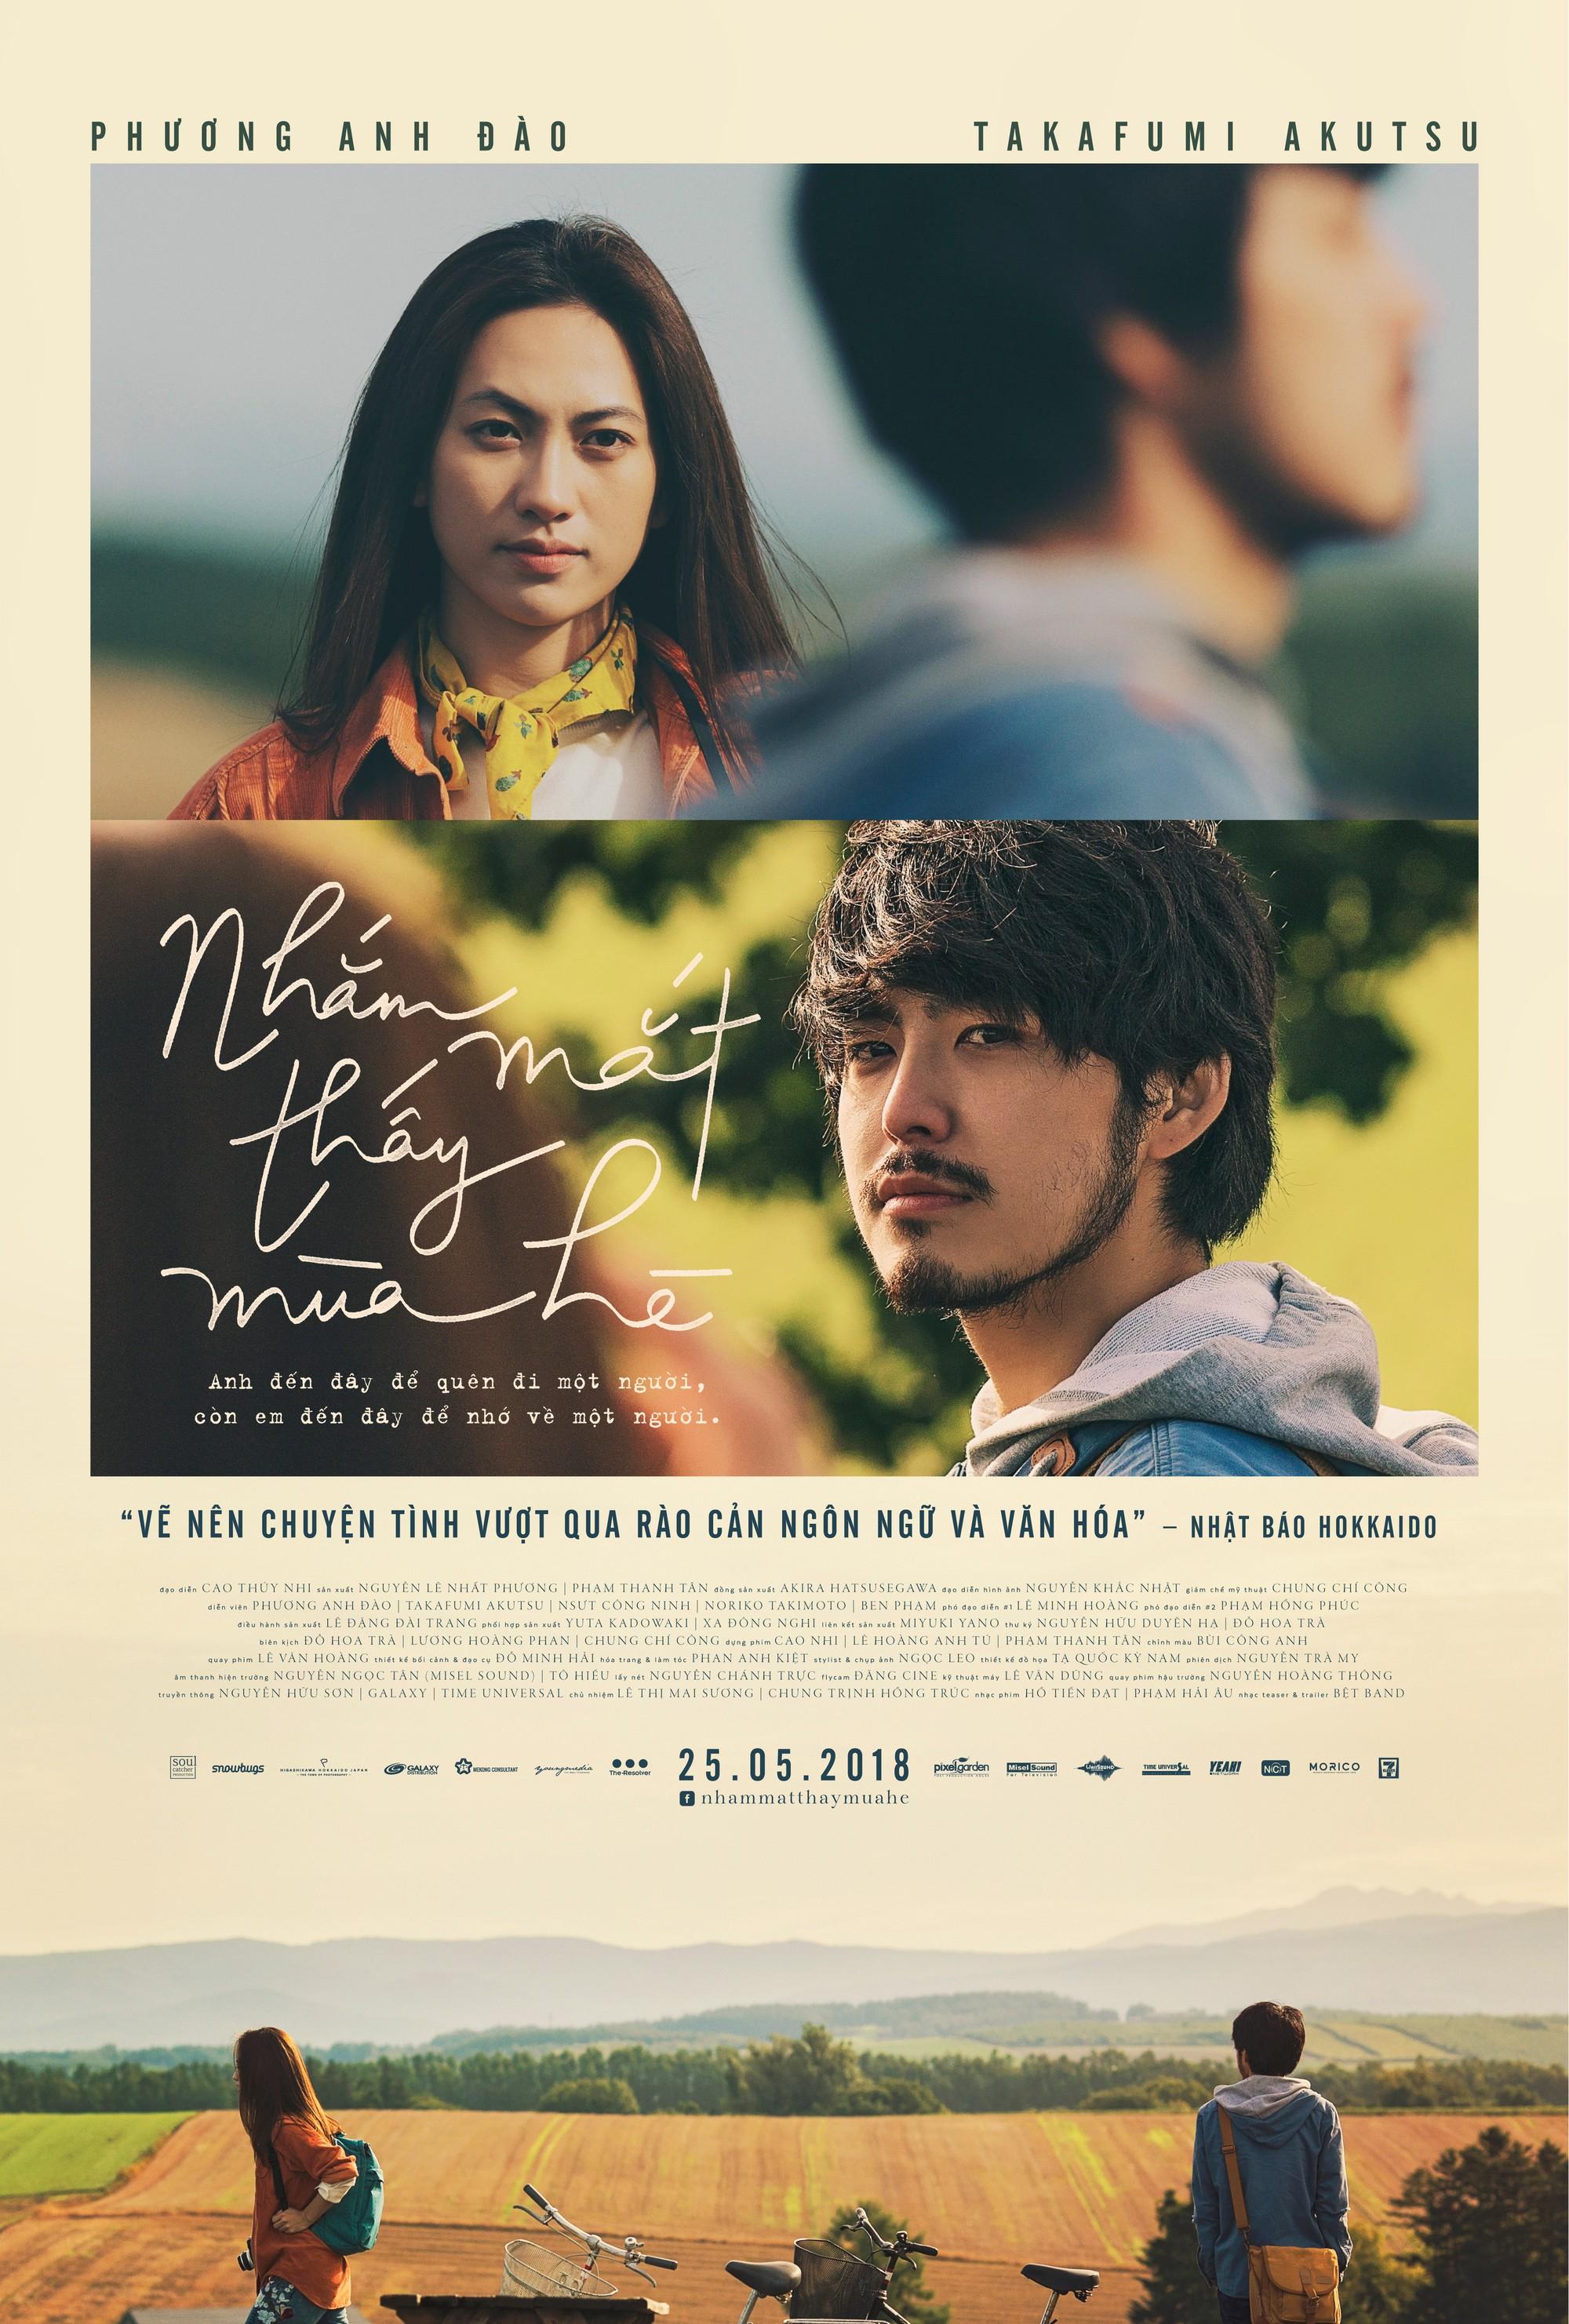 Nhắm Mắt Thấy Mùa Hè: Giấc mộng thanh xuân đẹp đẽ của điện ảnh Việt